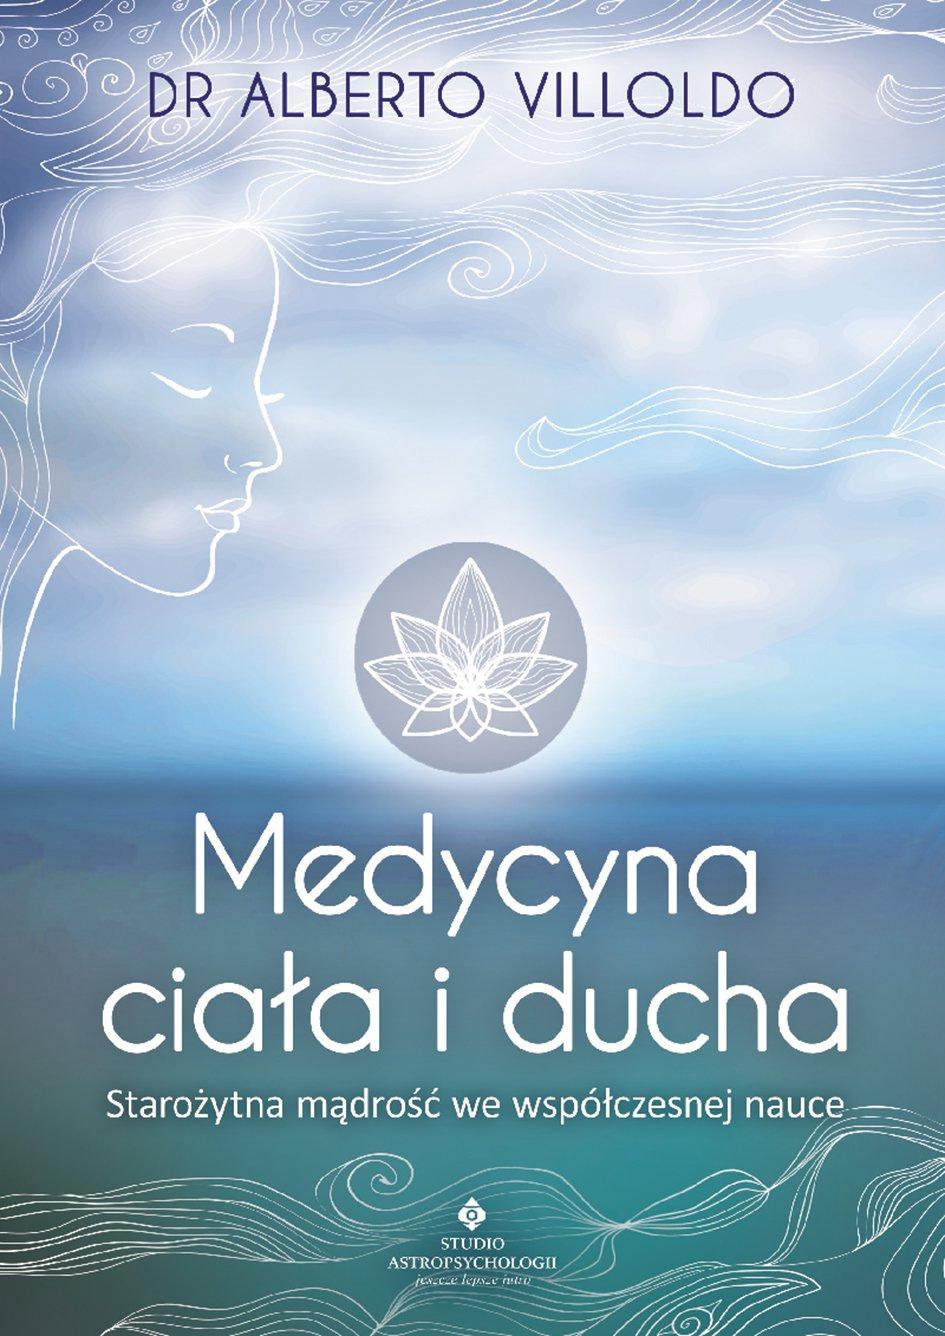 Medycyna ciała i ducha. Starożytna mądrość we współczesnej nauce - Ebook (Książka EPUB) do pobrania w formacie EPUB